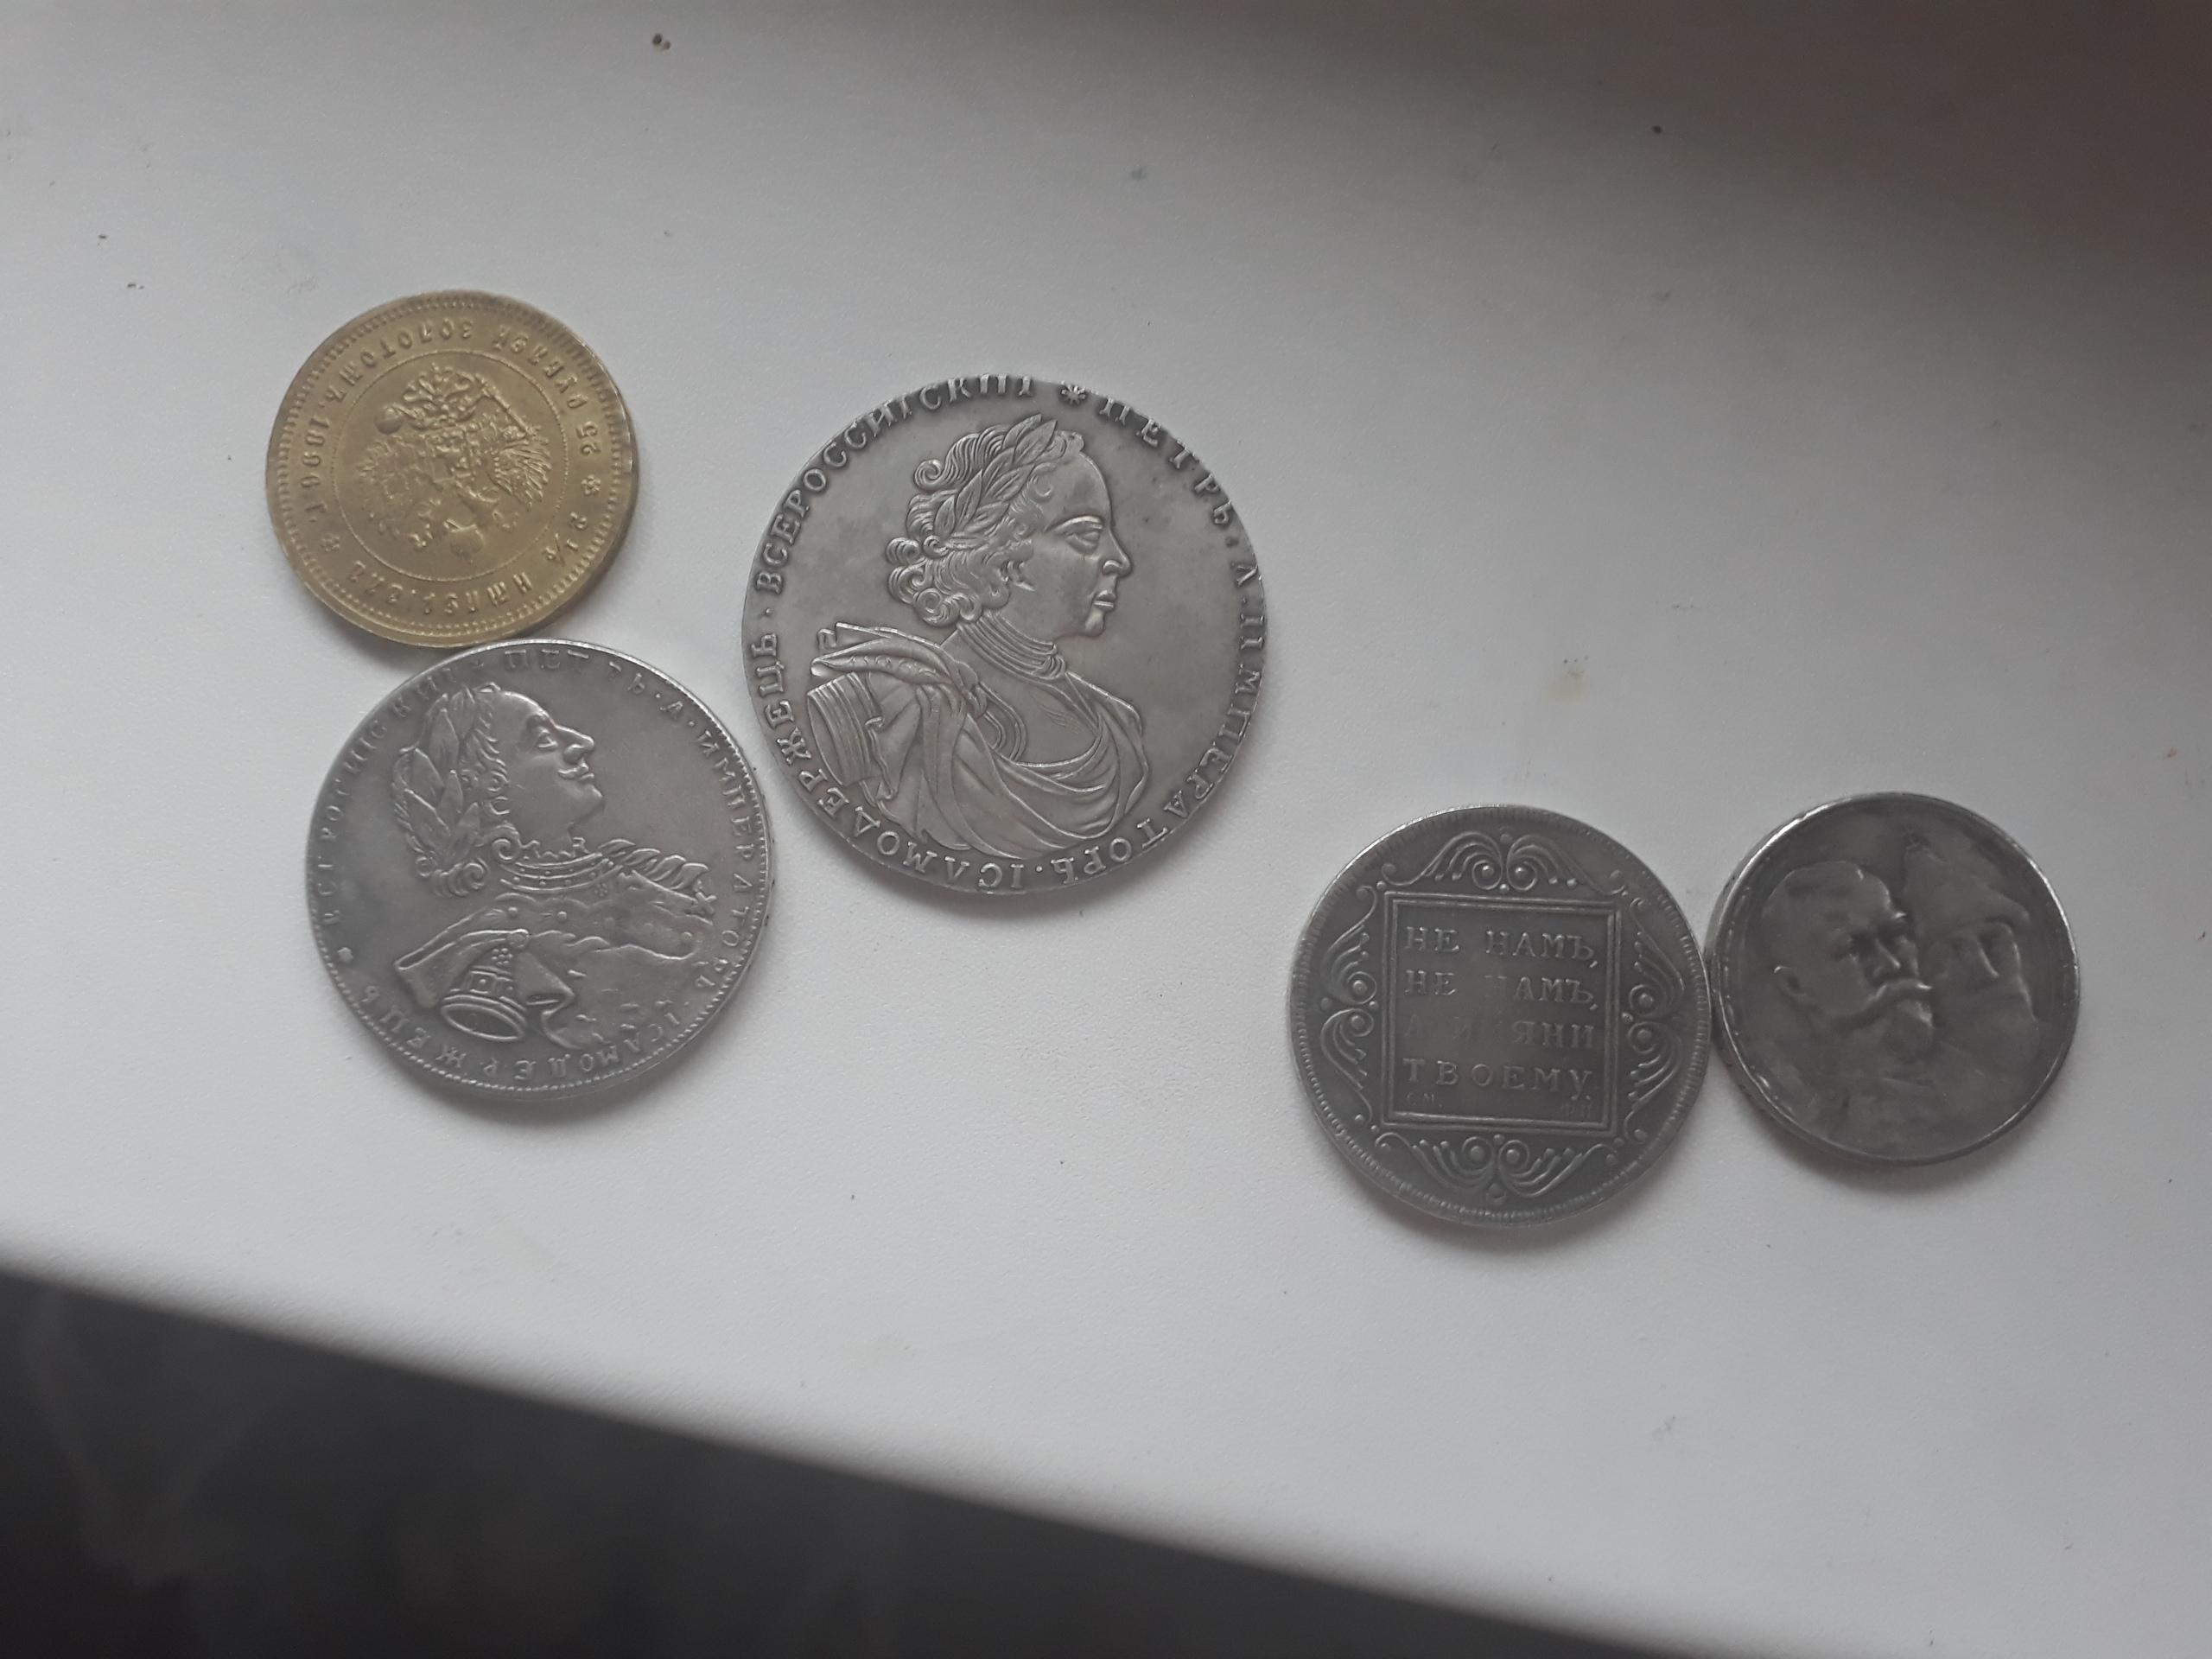 Продаю монеты,по цене договоримся